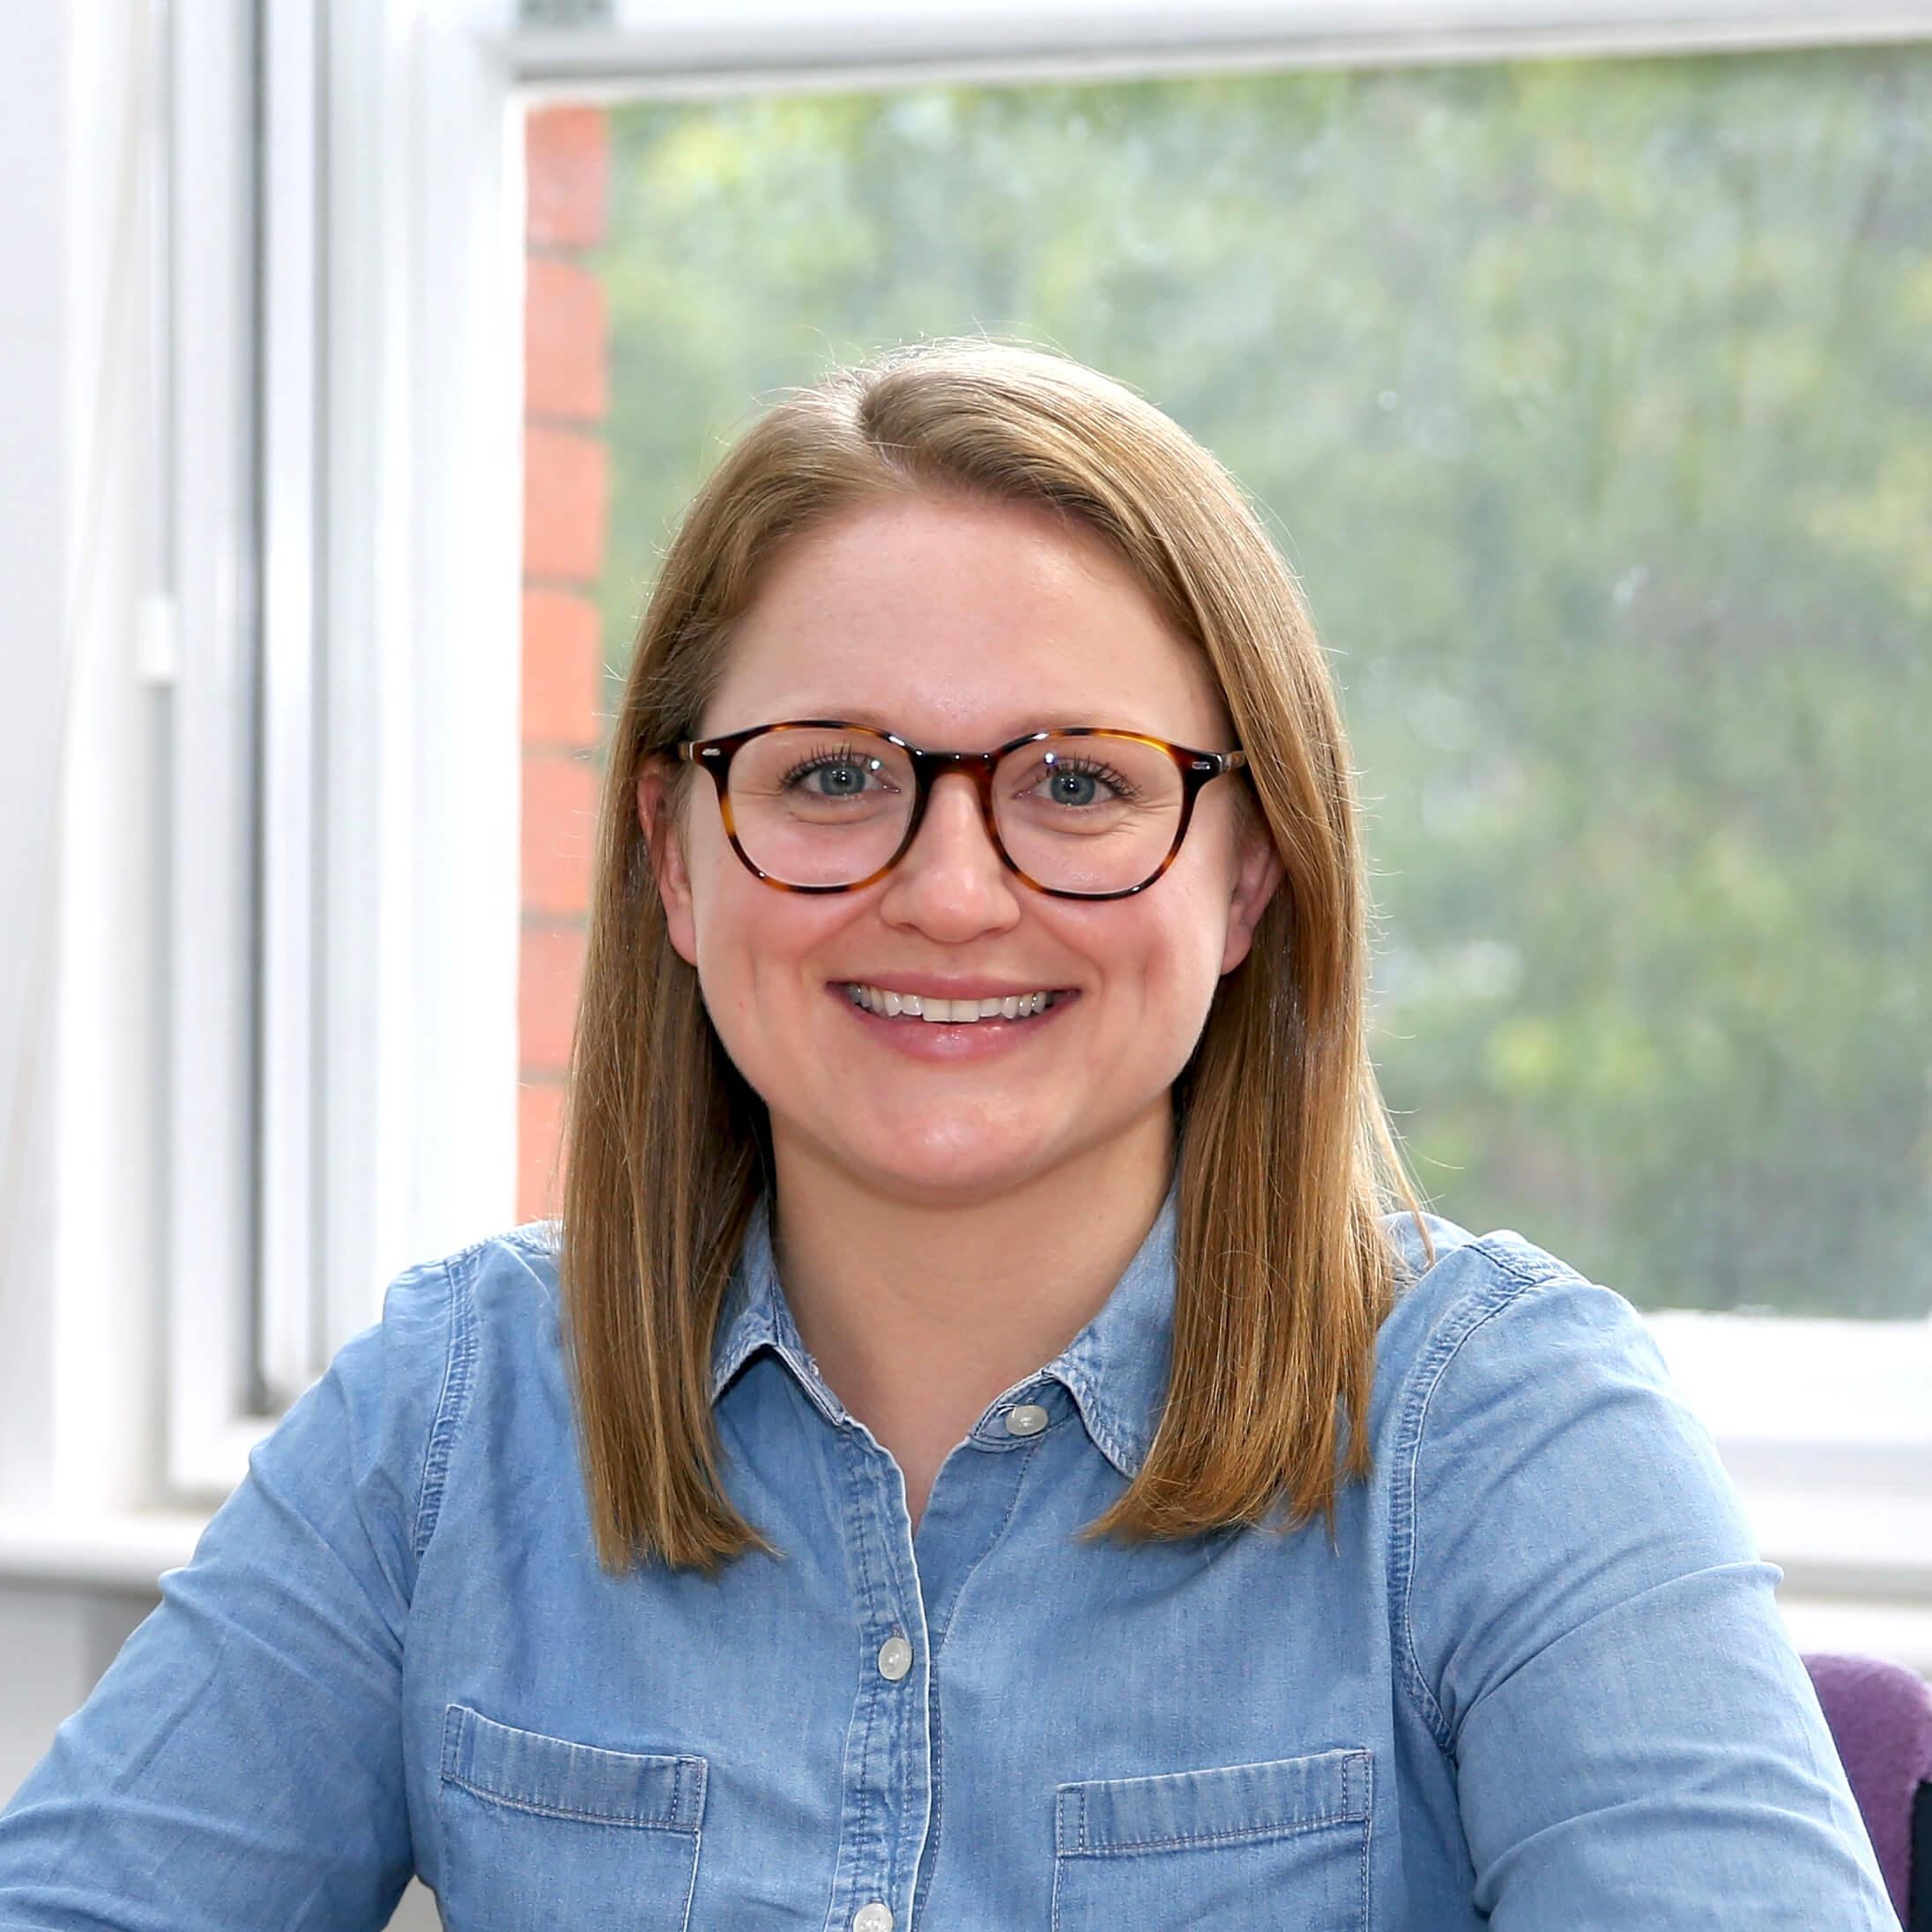 Allison Spangler